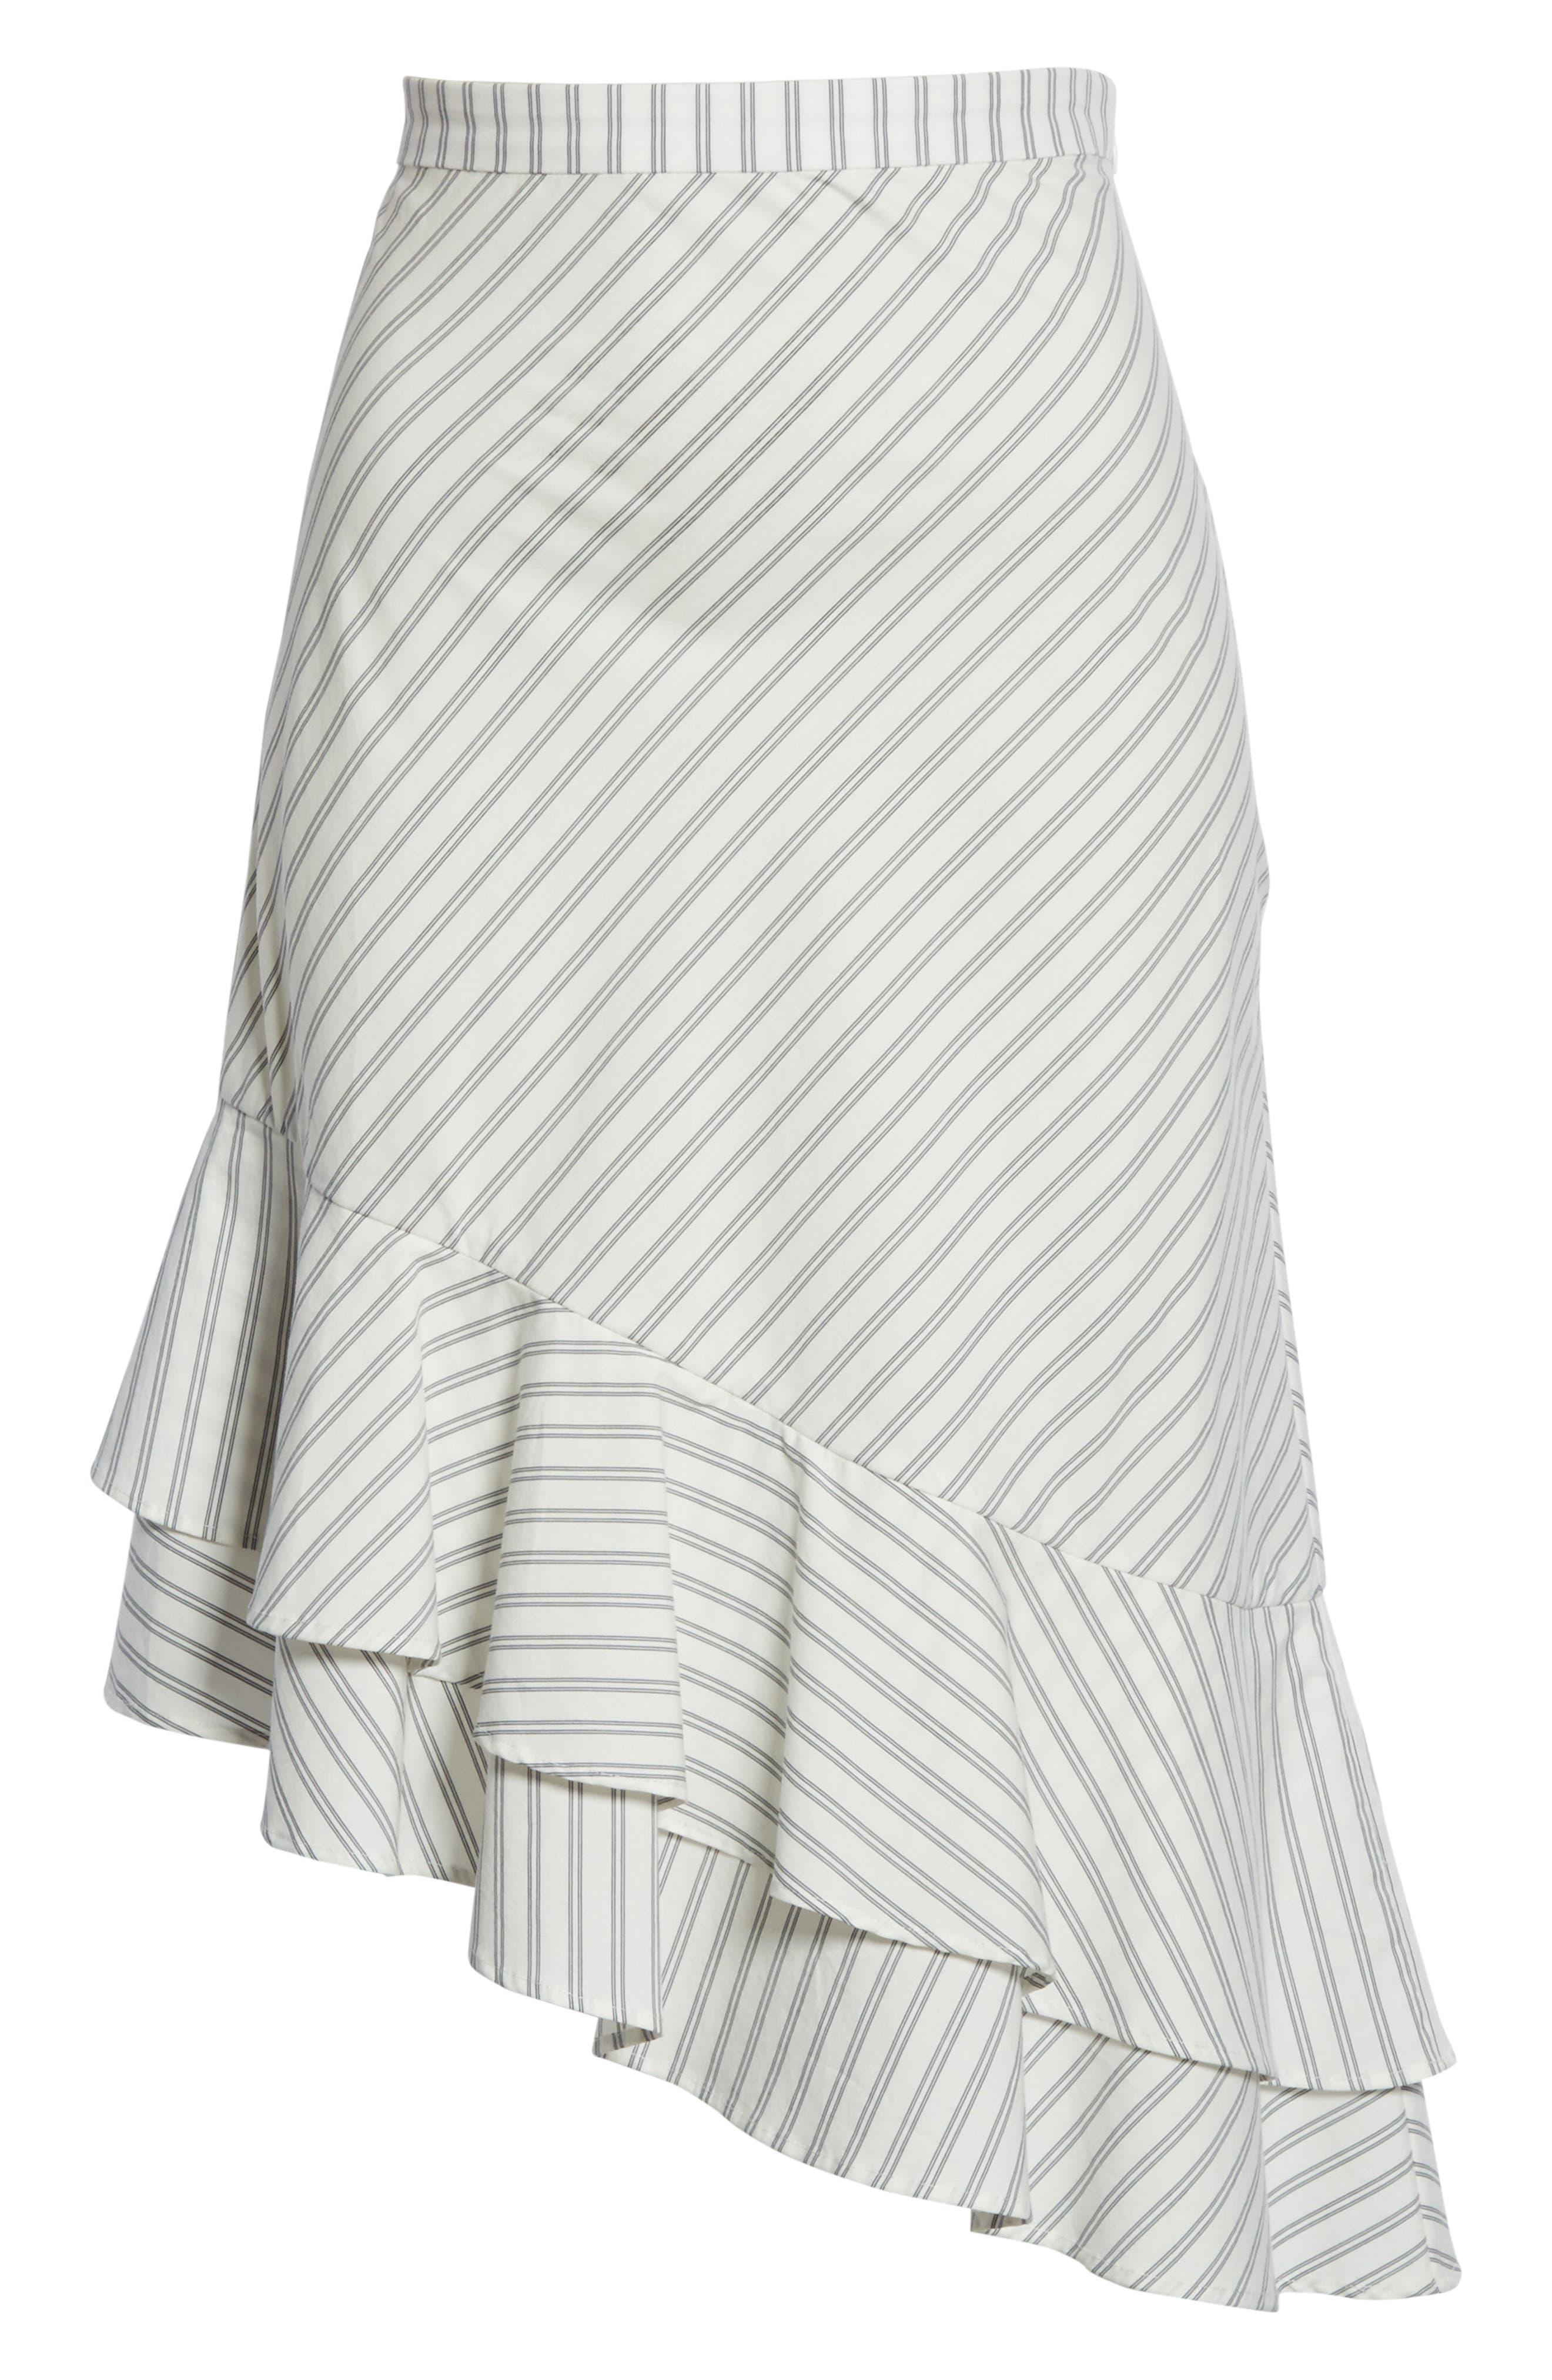 Yenene Skirt,                             Alternate thumbnail 6, color,                             Porcelain